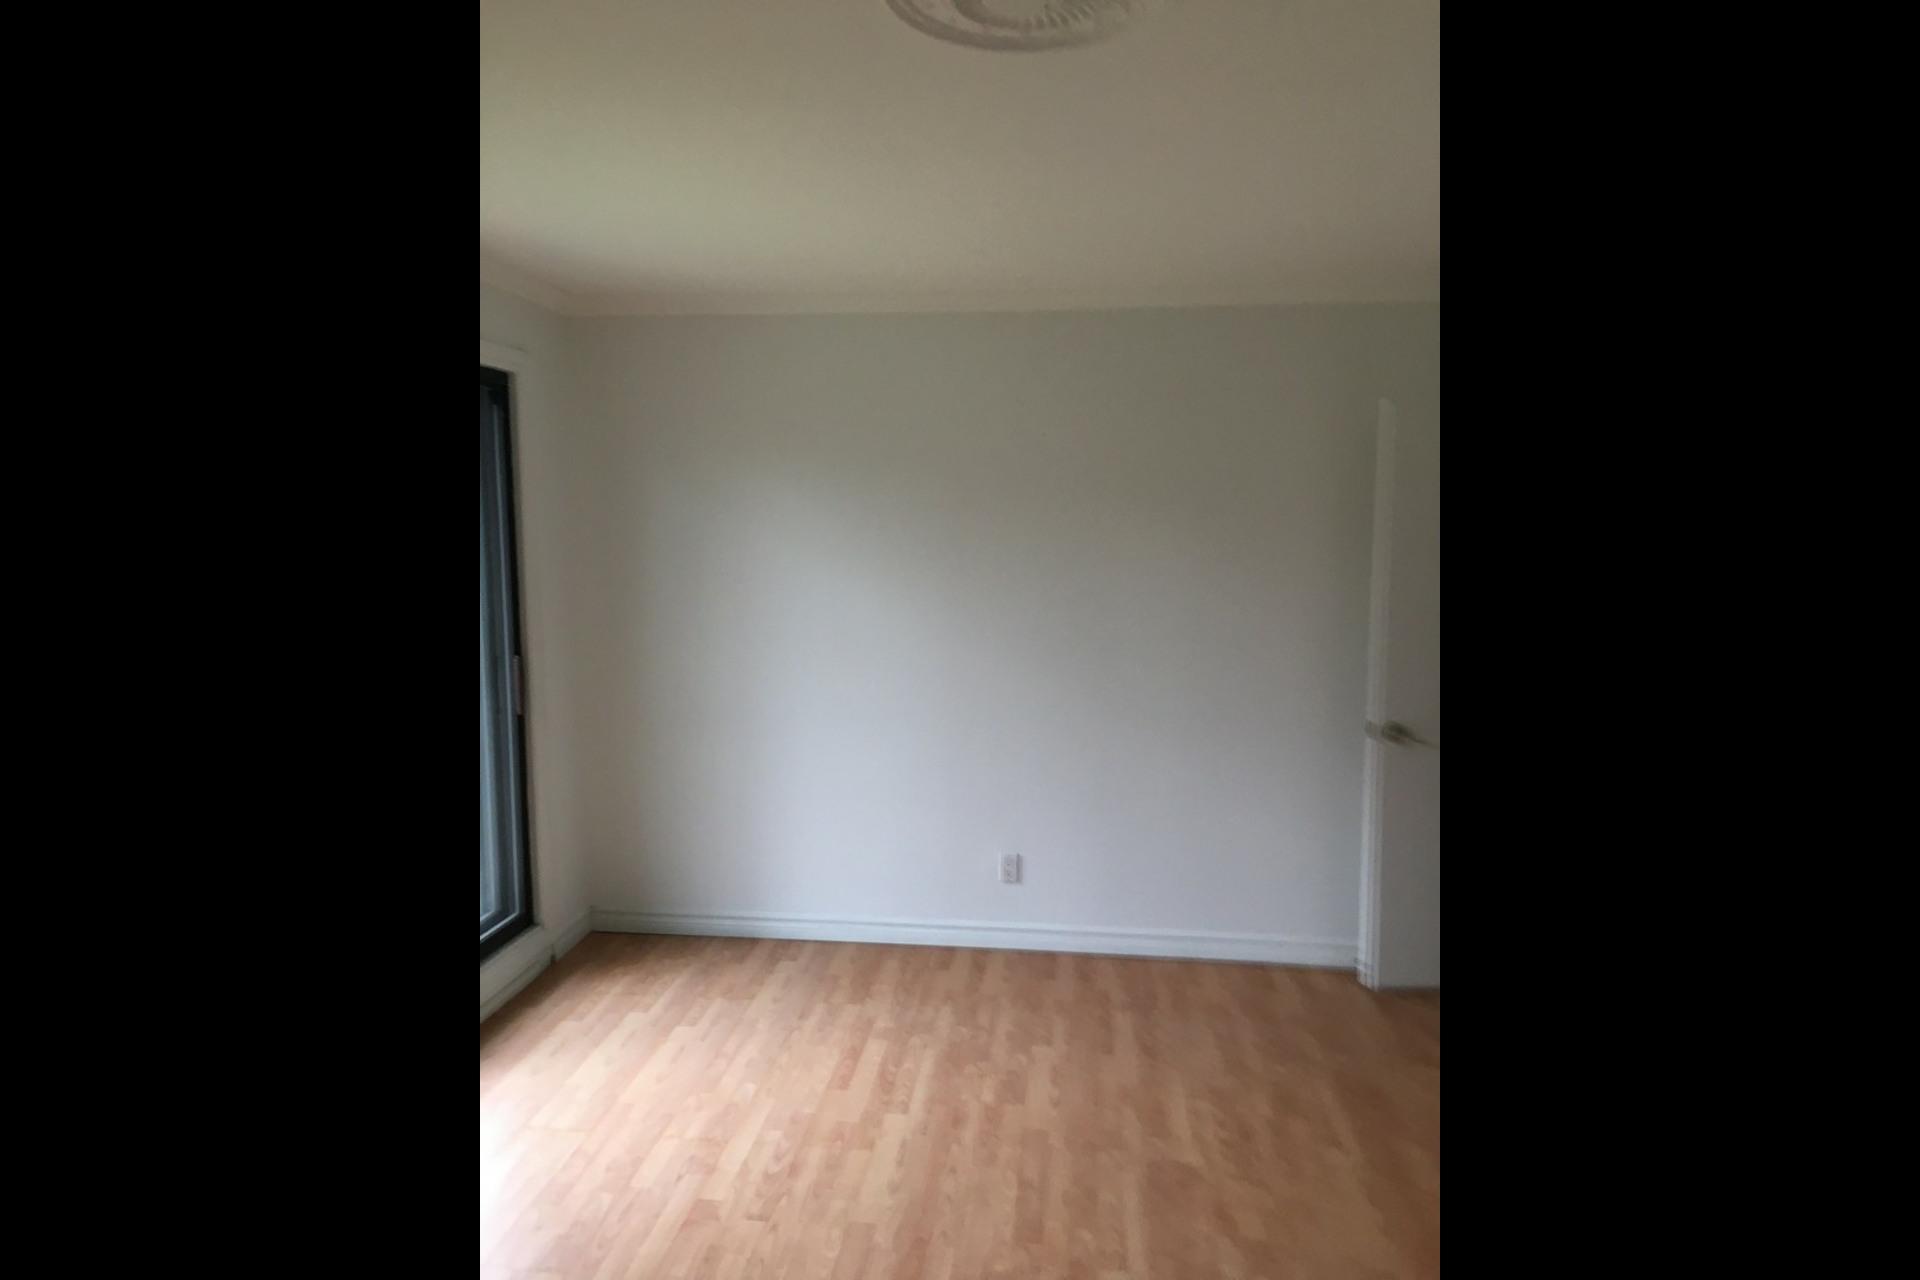 image 7 - Condo - For rent - Montréal  (Rivière-des-Prairies) - 4 rooms